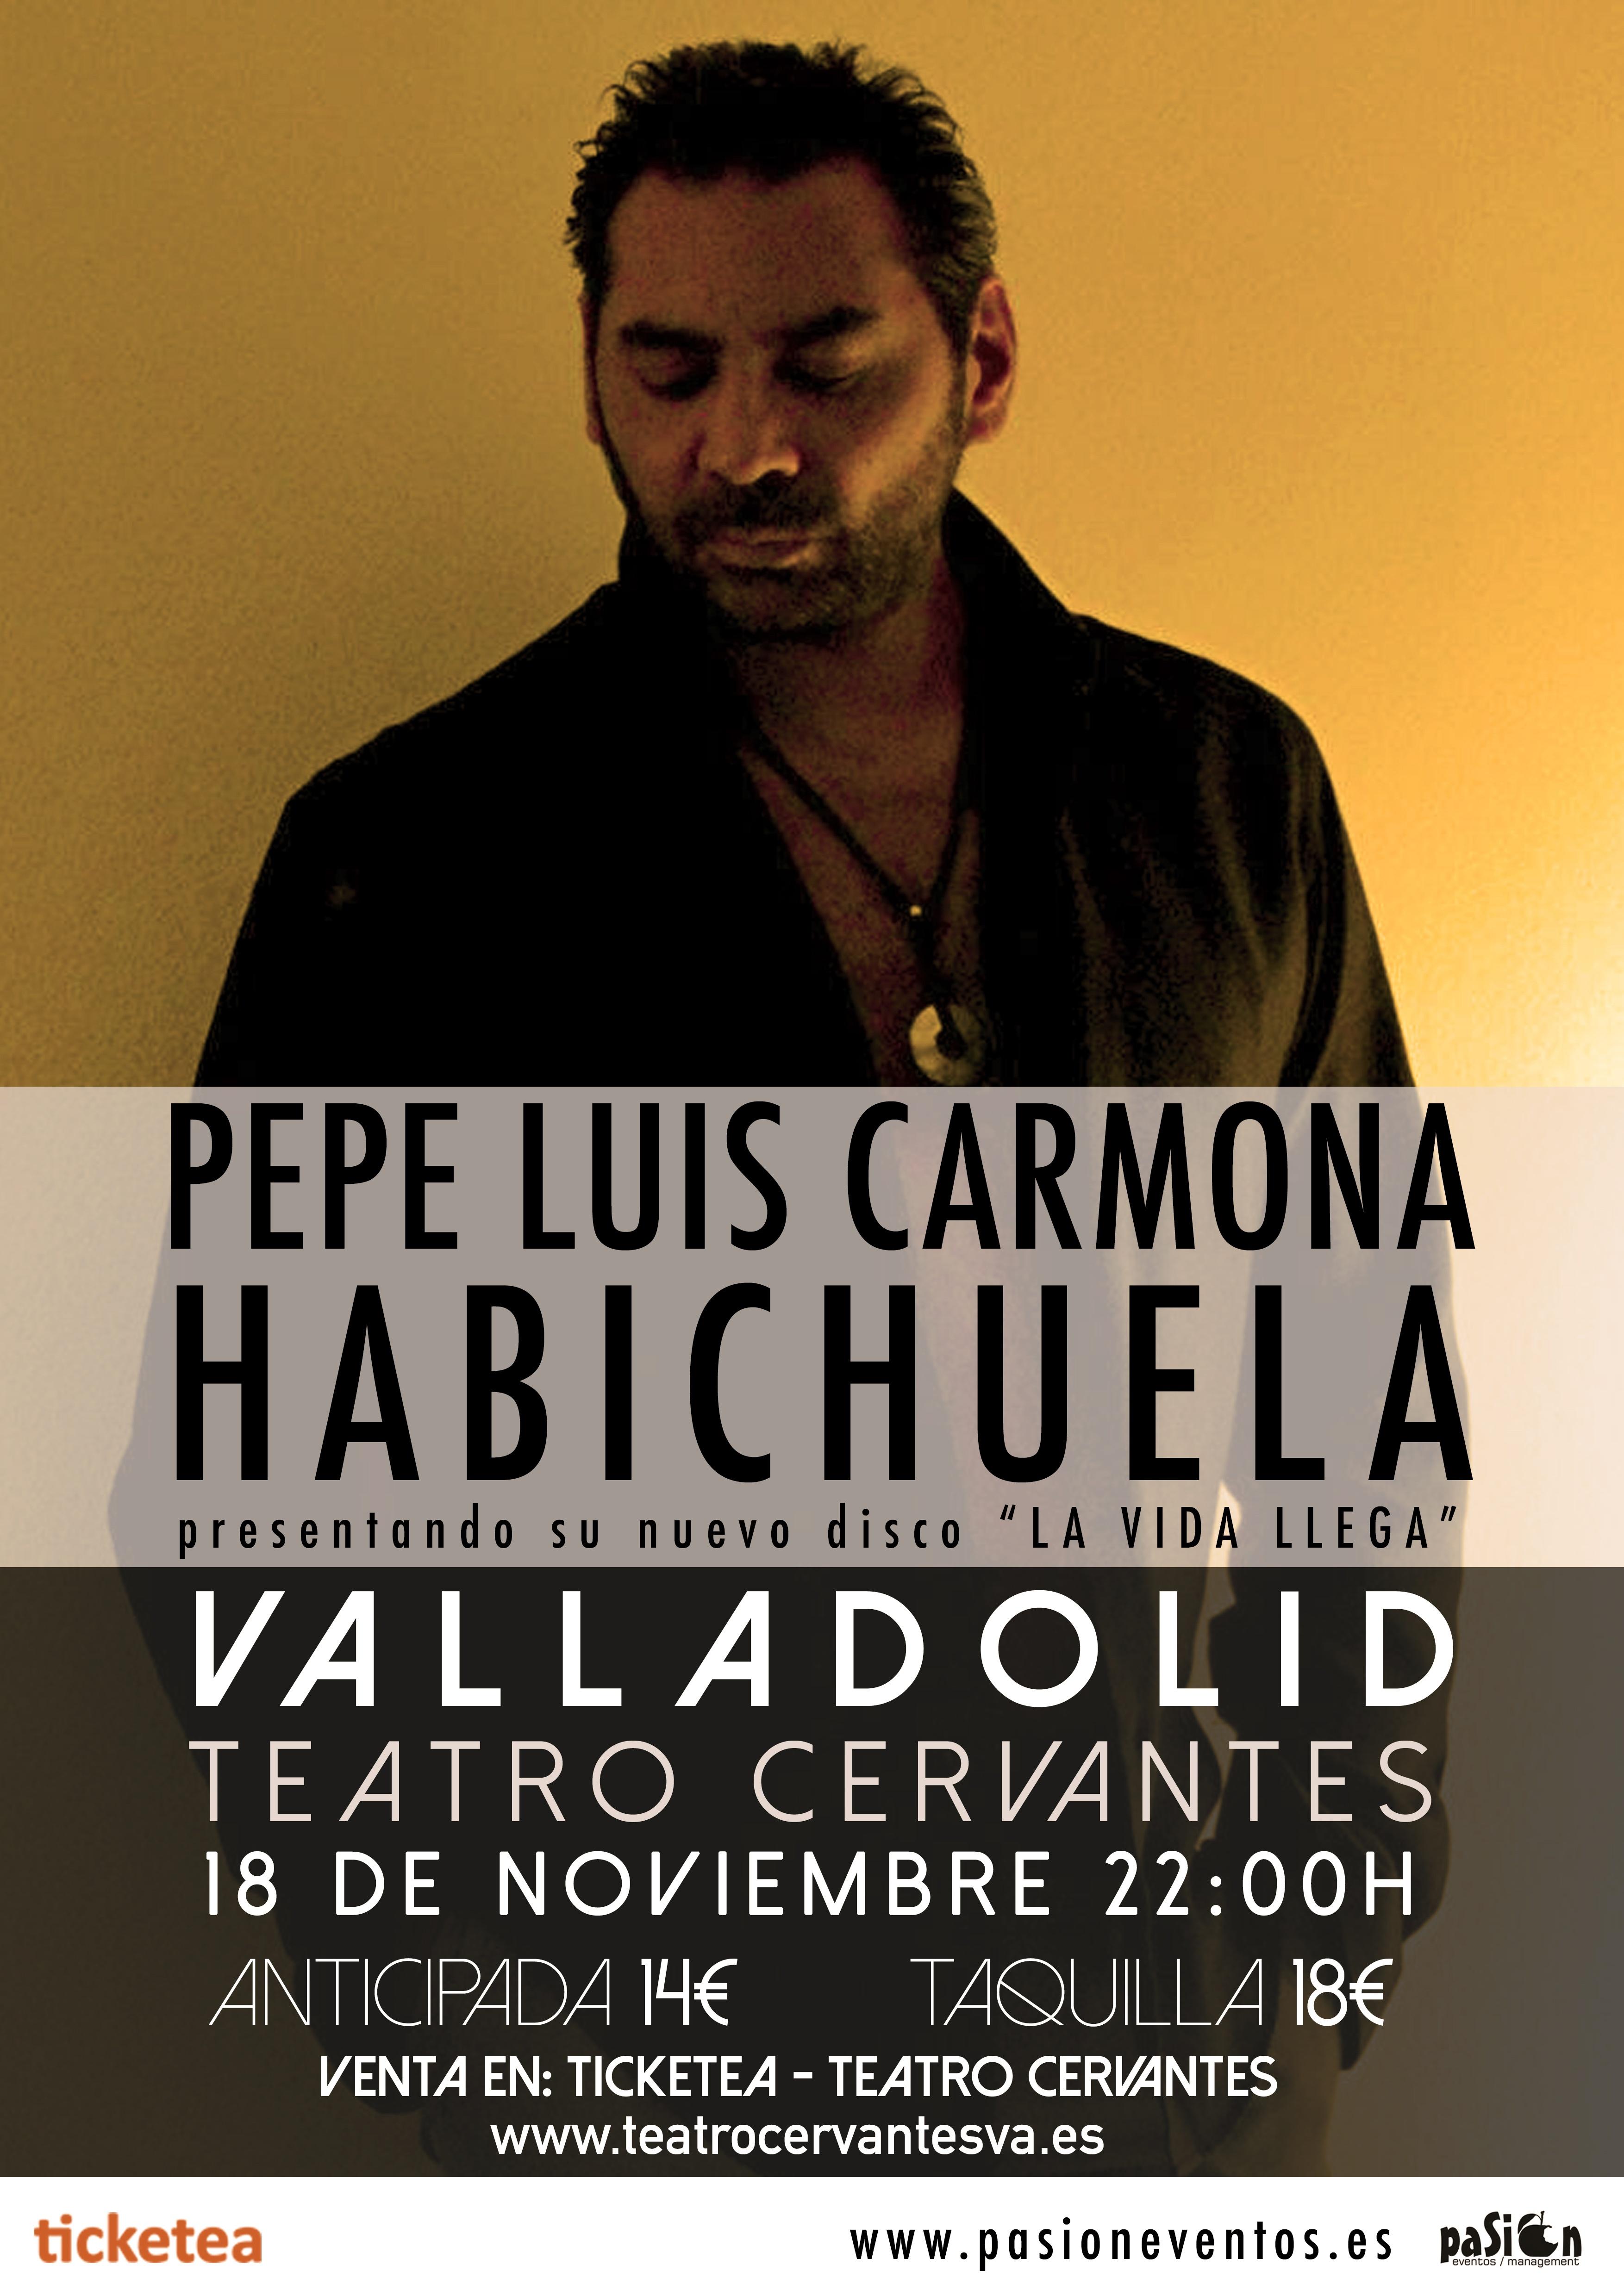 Pepe Luis Carmona - Habichuela - Concierto en Teatro Cervantes, Valladolid